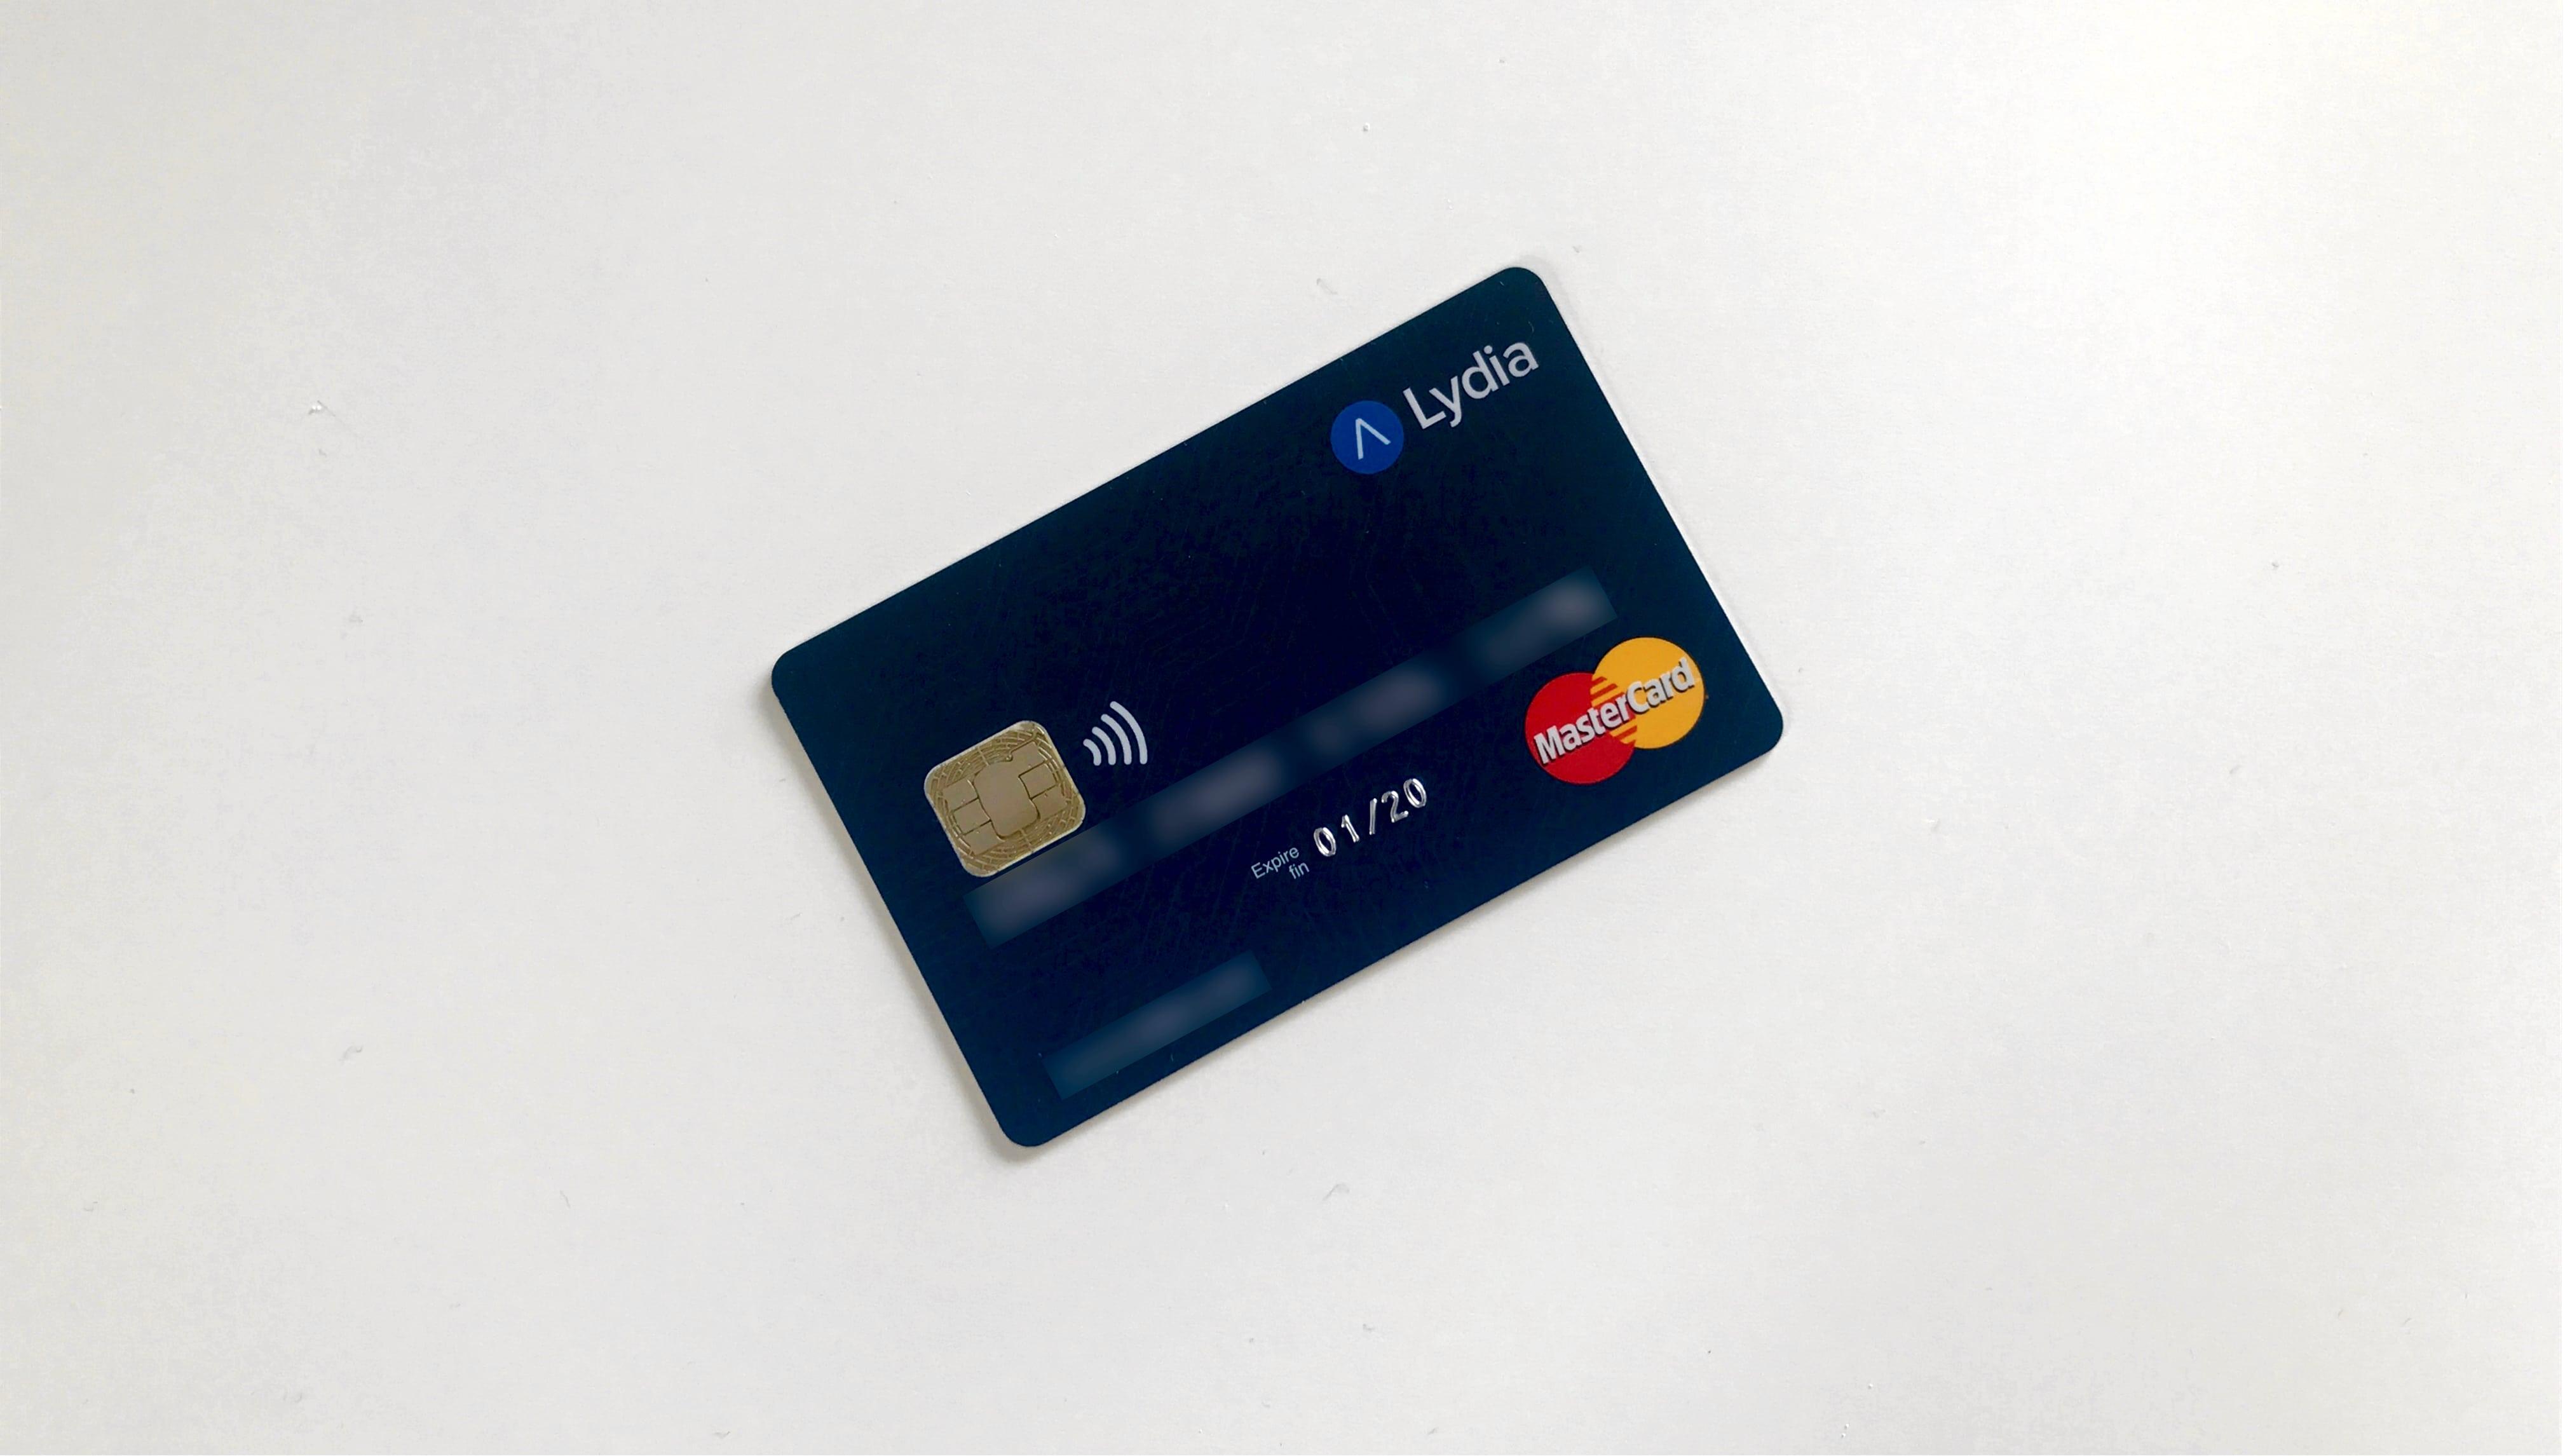 Carte Bancaire Prepayee Lydia.Test De Lydia Le Paiement Mobile A La Francaise